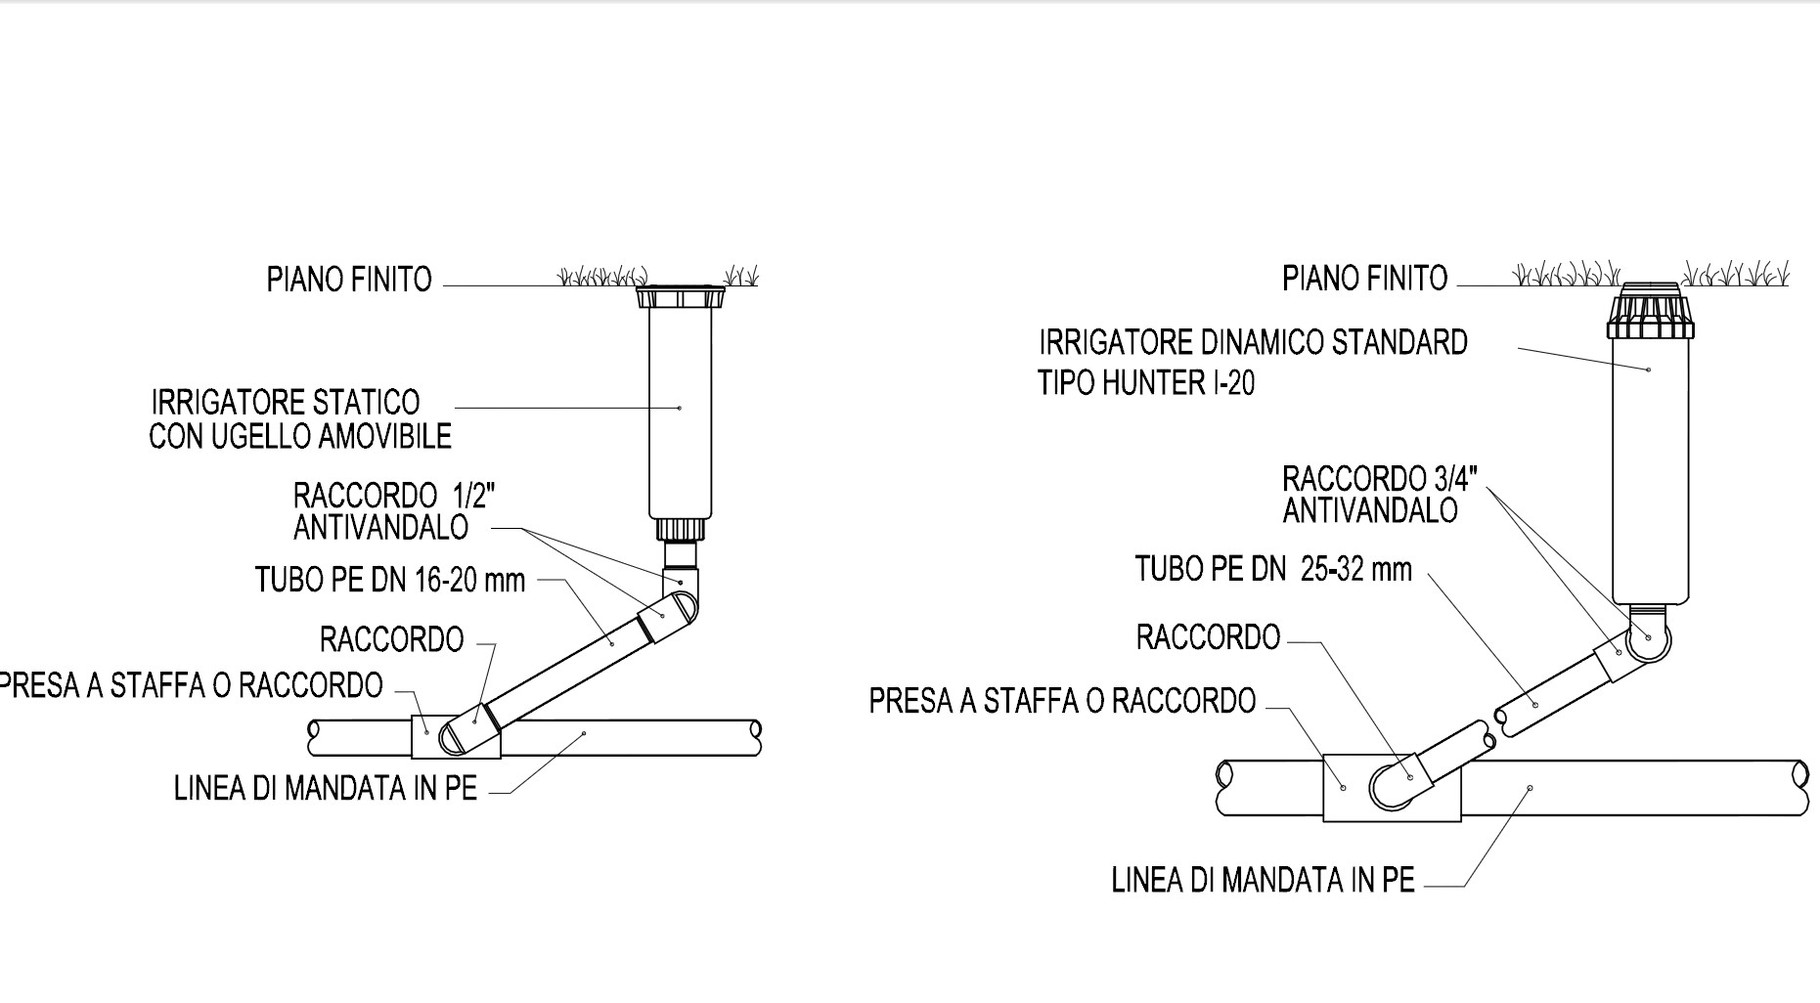 Progetto irrigazione dettagli costruttivi